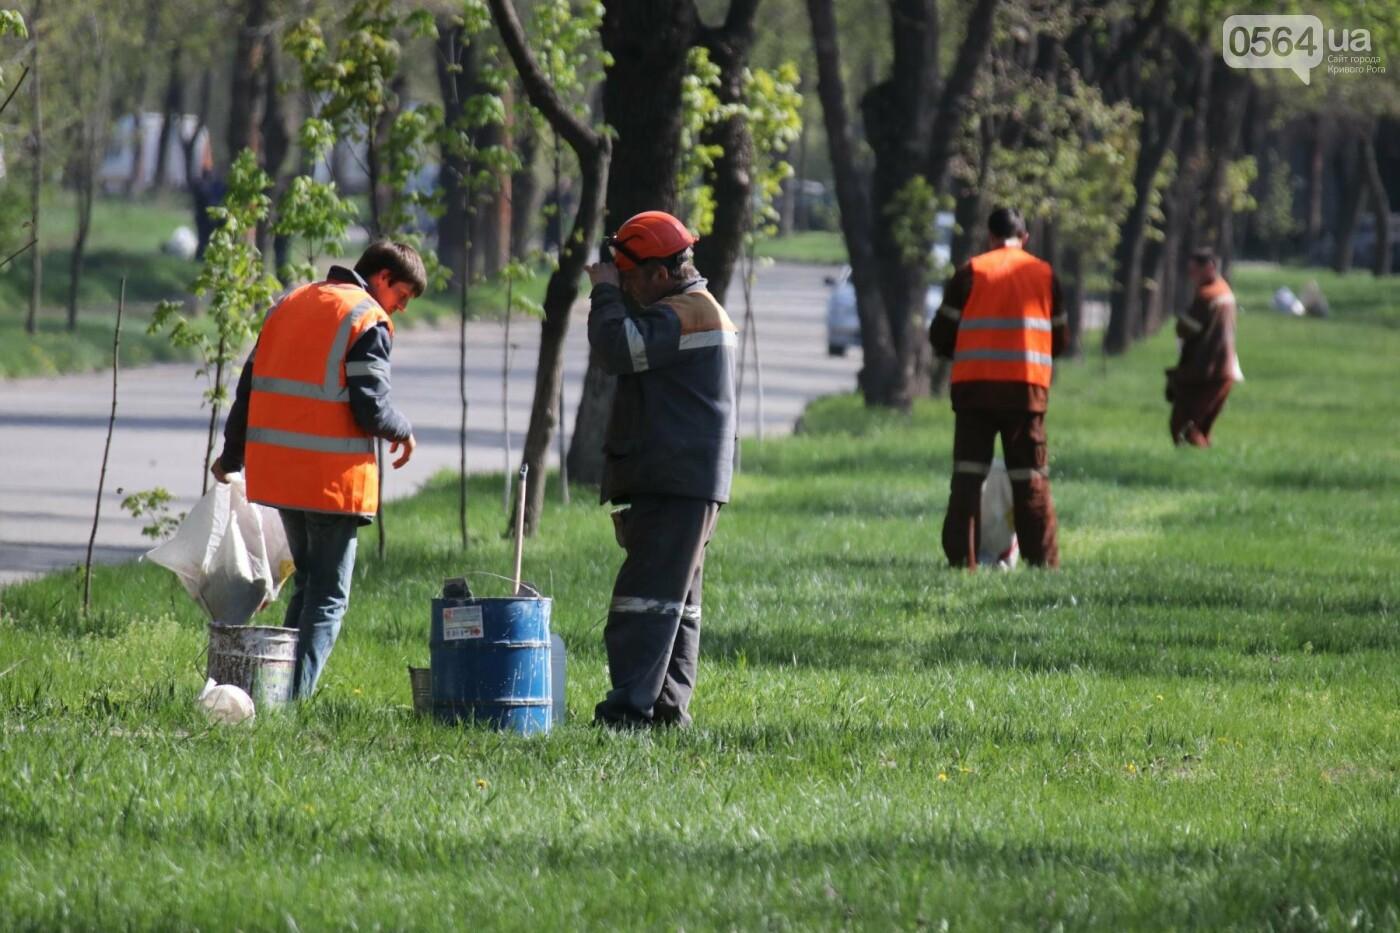 Сотрудники рудника «Суха Балка» провели праздник весны и чистоты, фото-1